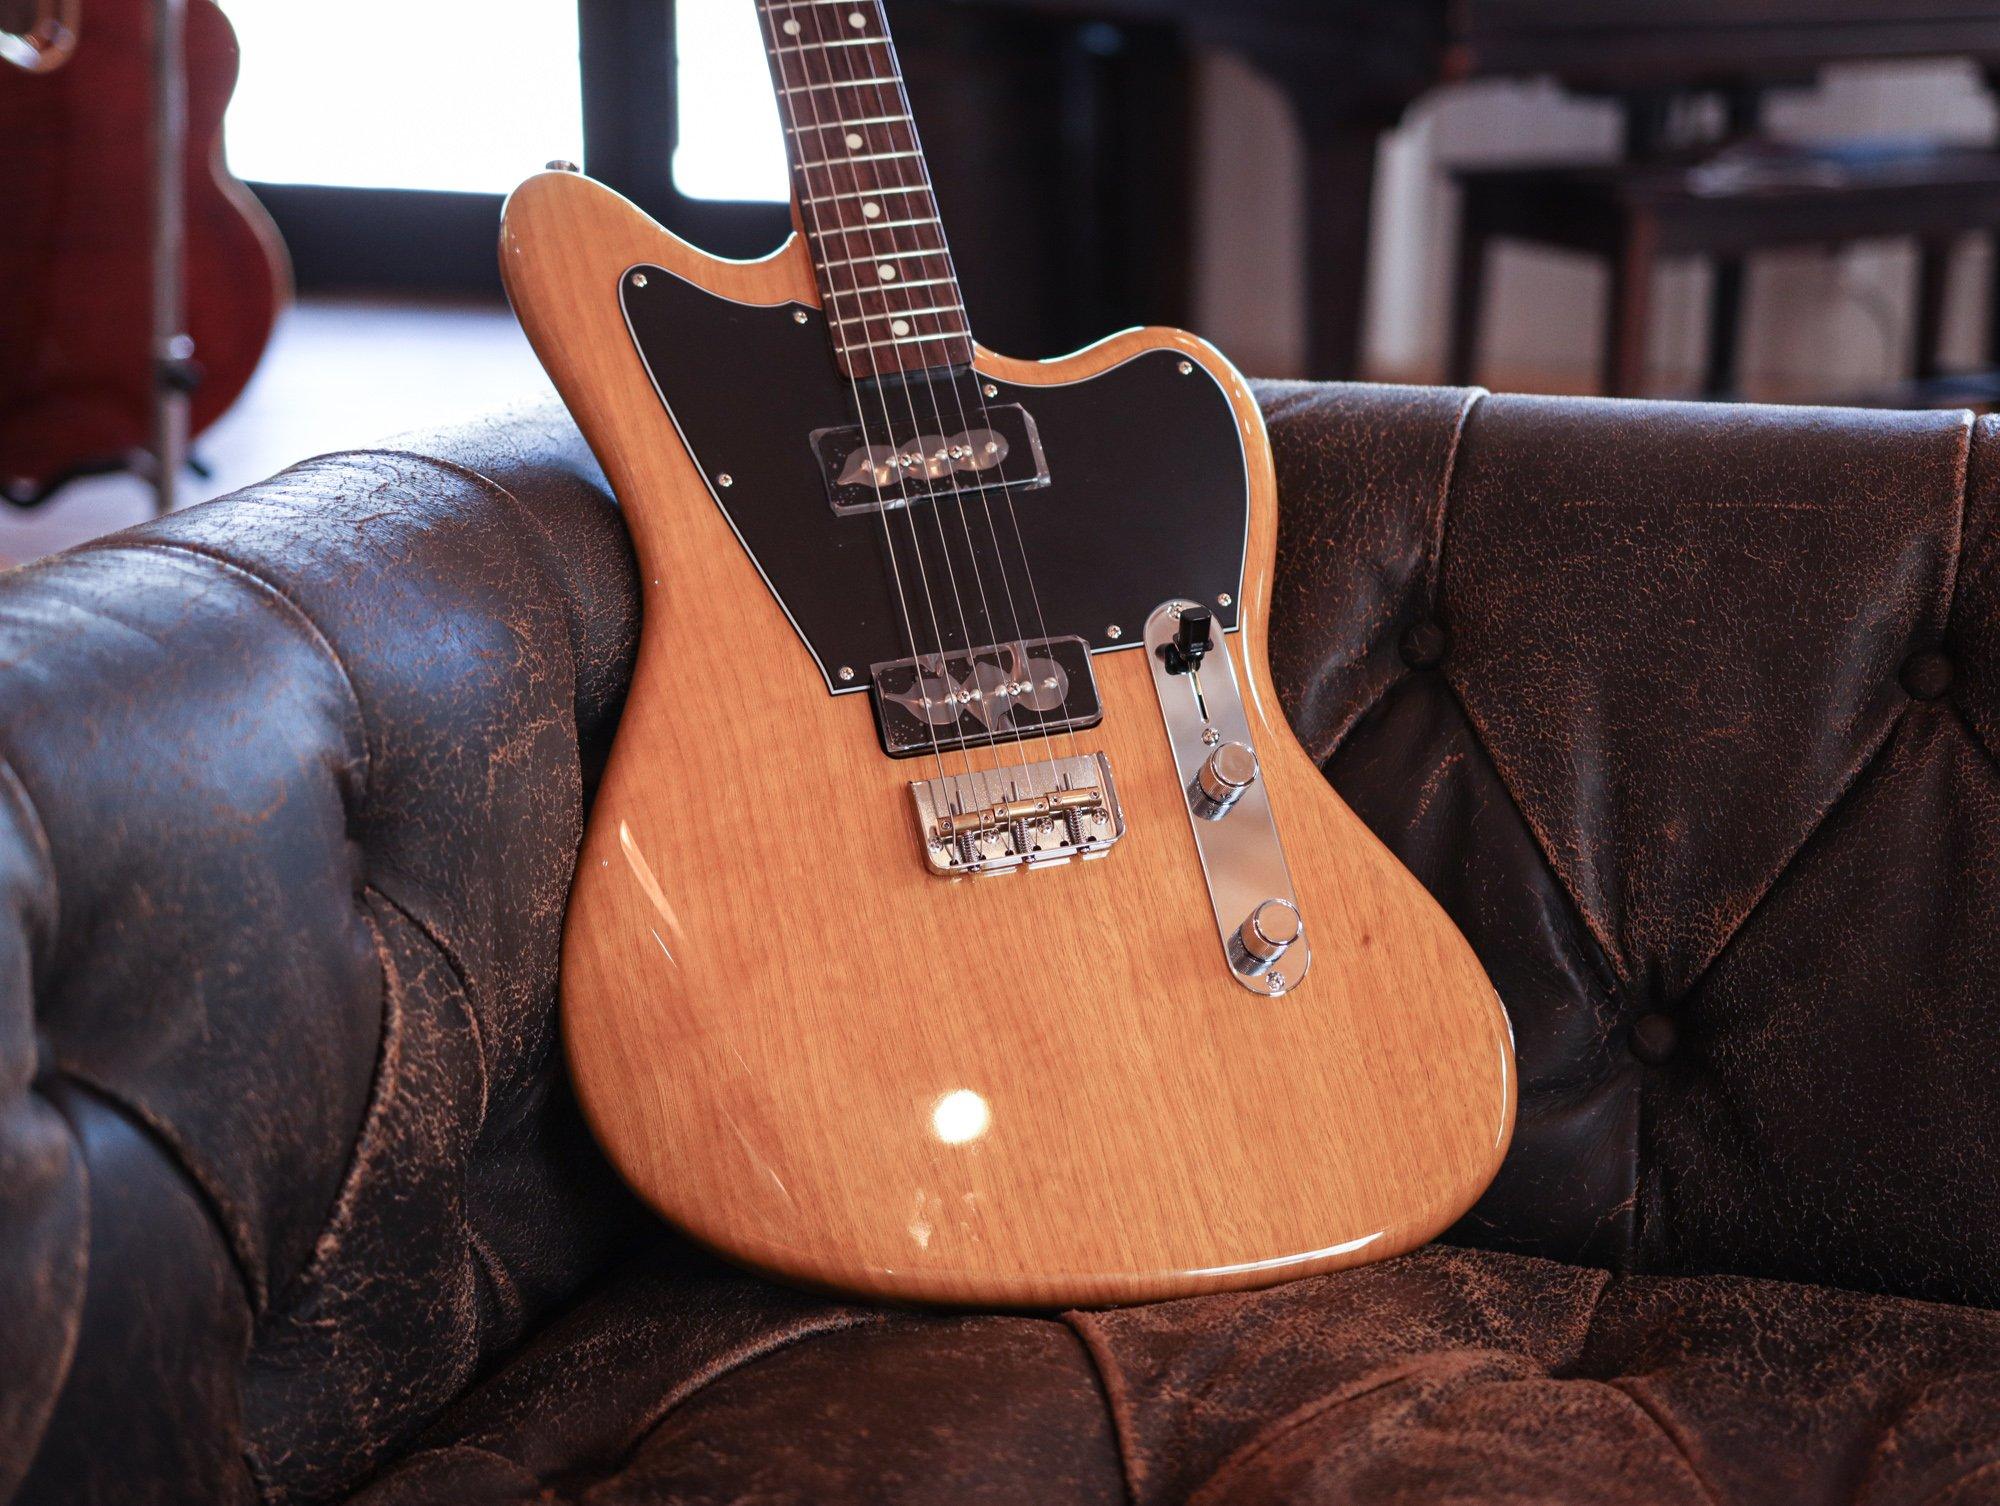 Fender MIJ Offset Telecaster